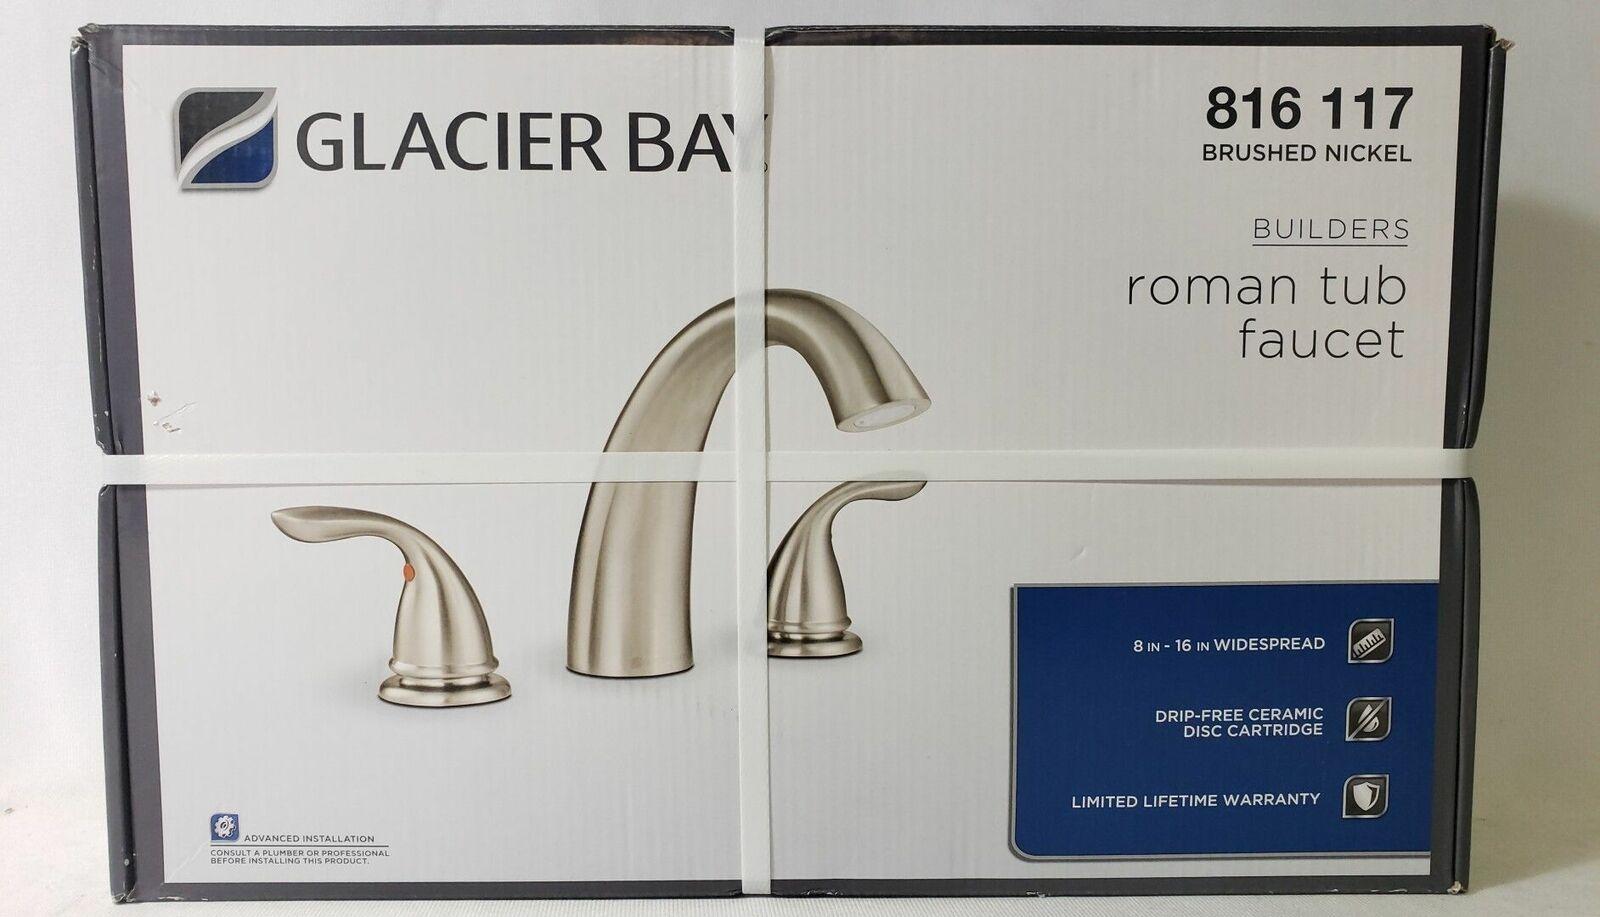 glacier bay roman tub faucet brushed nickel 816117 no screws a1 1333